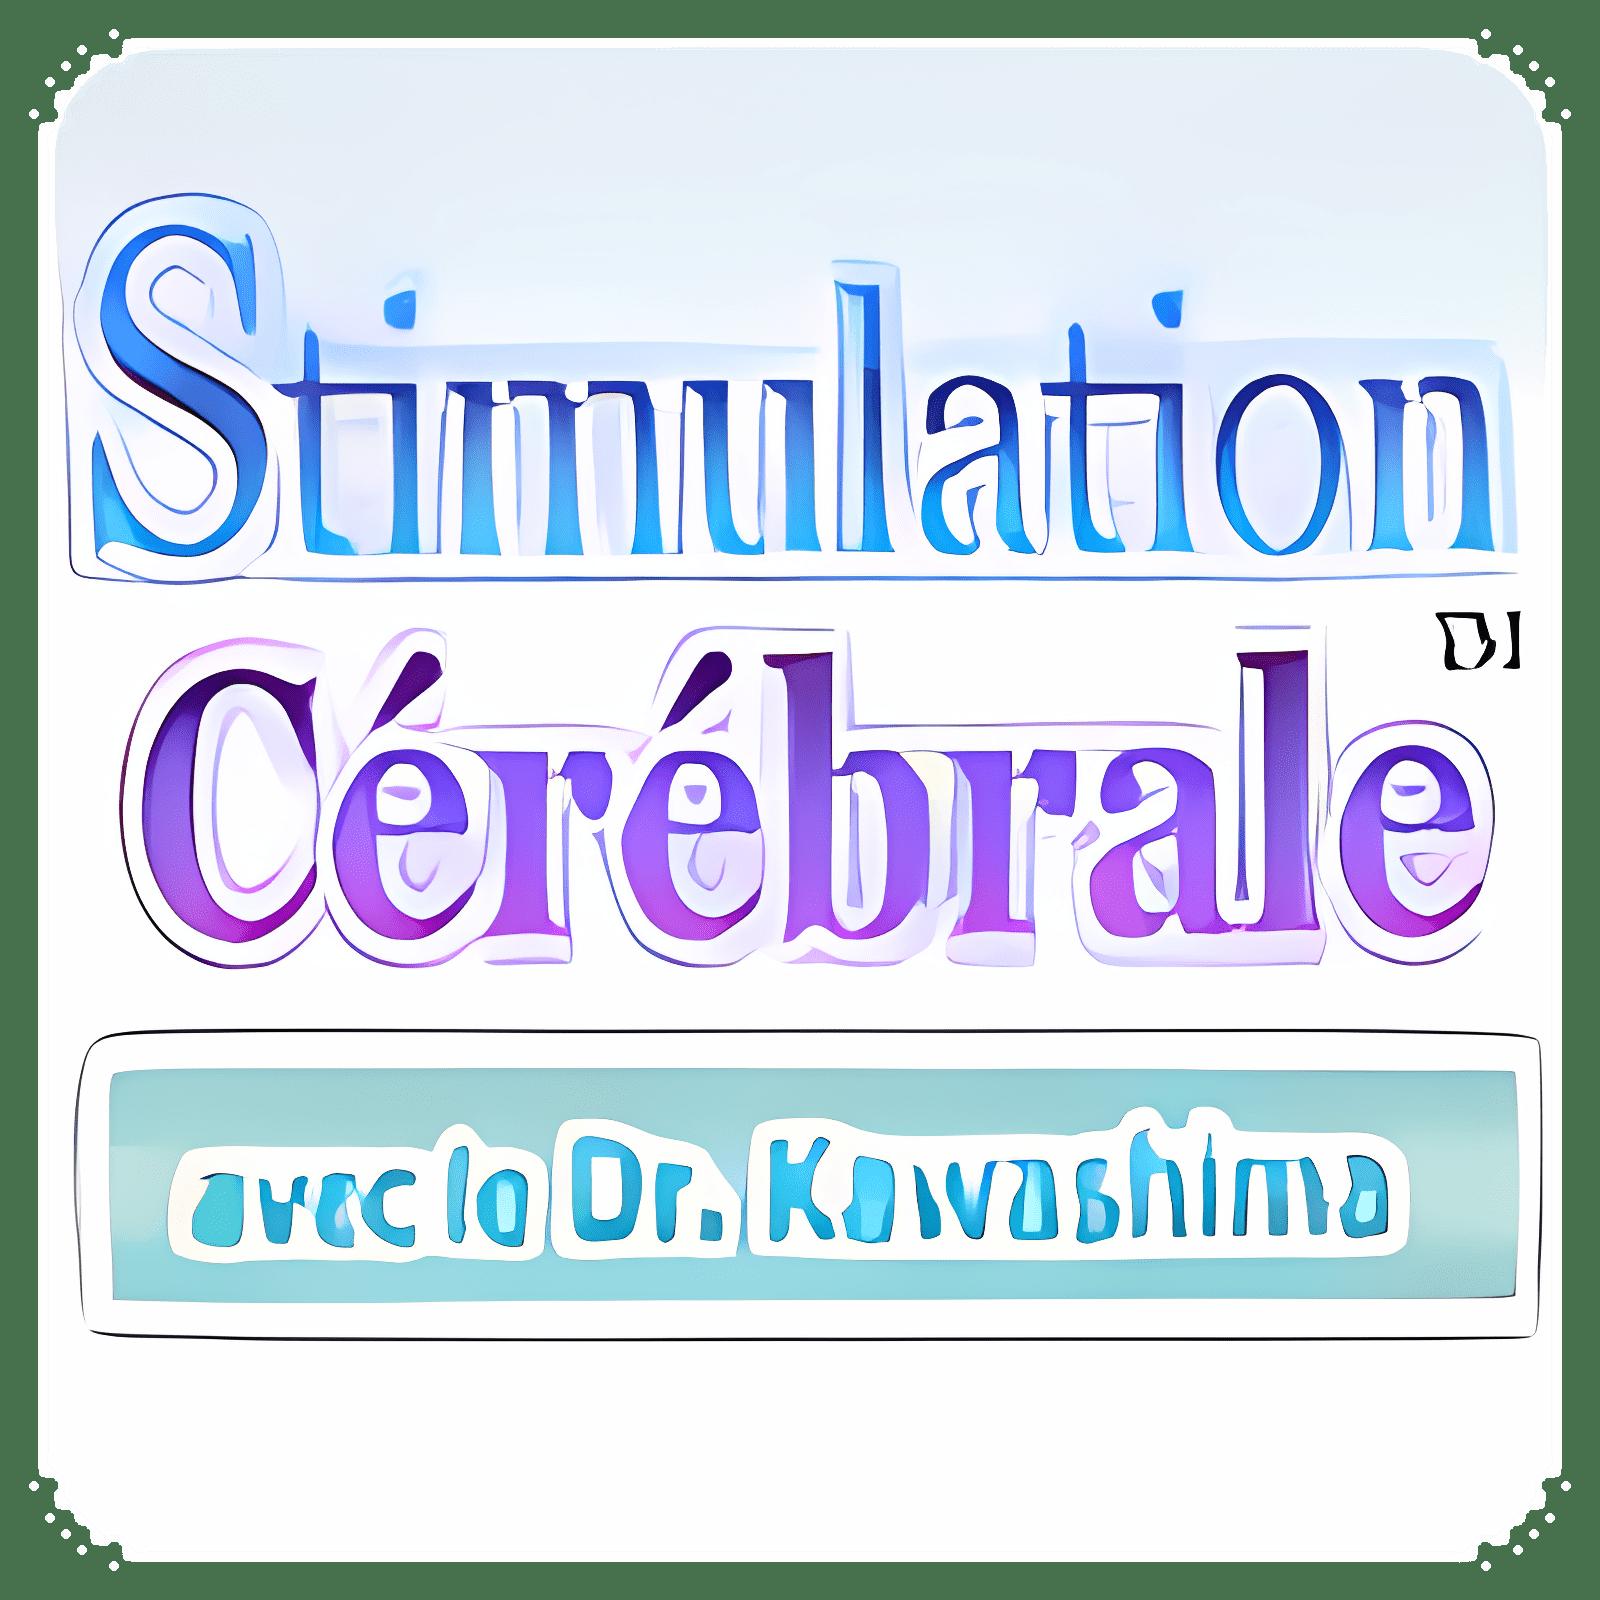 Stimulation cérébrale avec le Dr. Kawashima